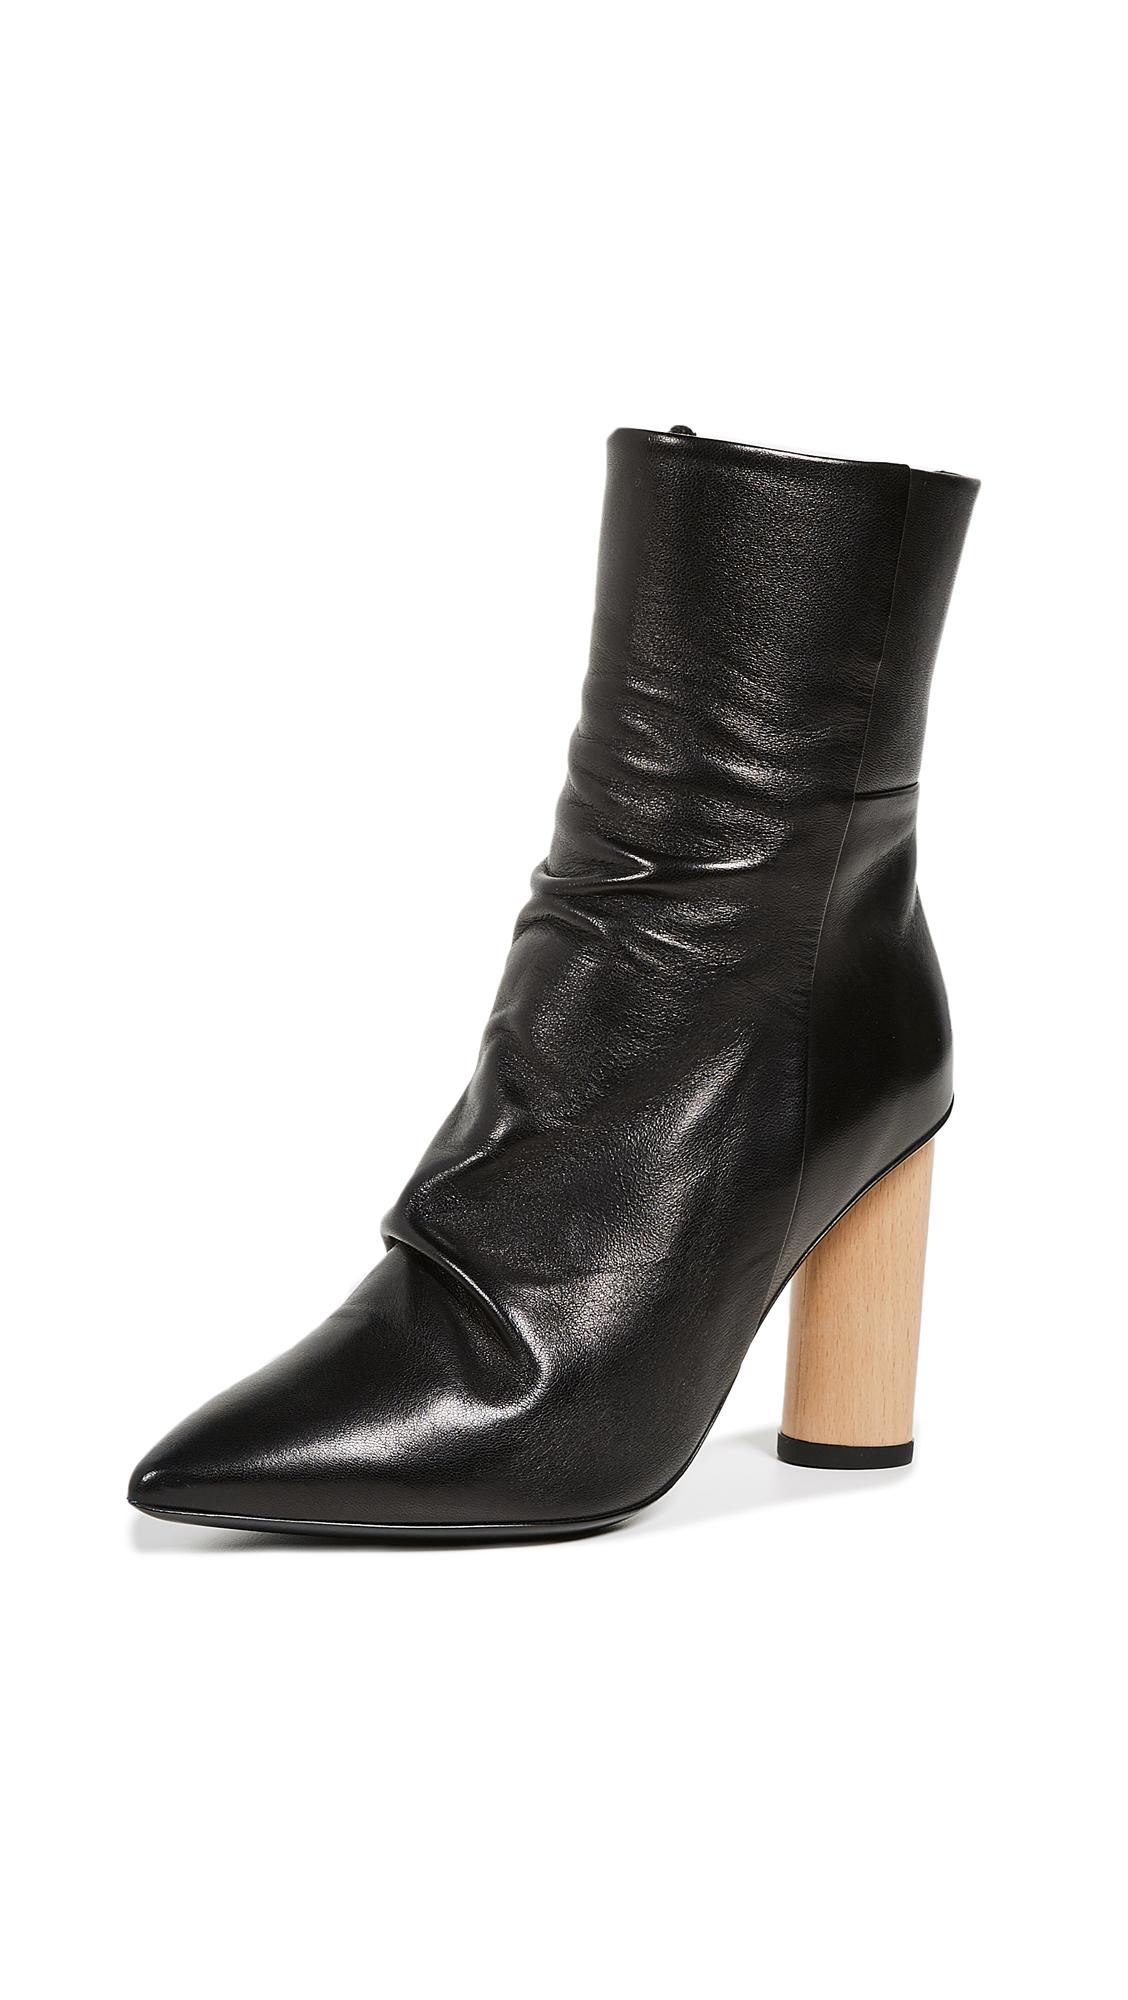 IRO Nazca Boots - Black